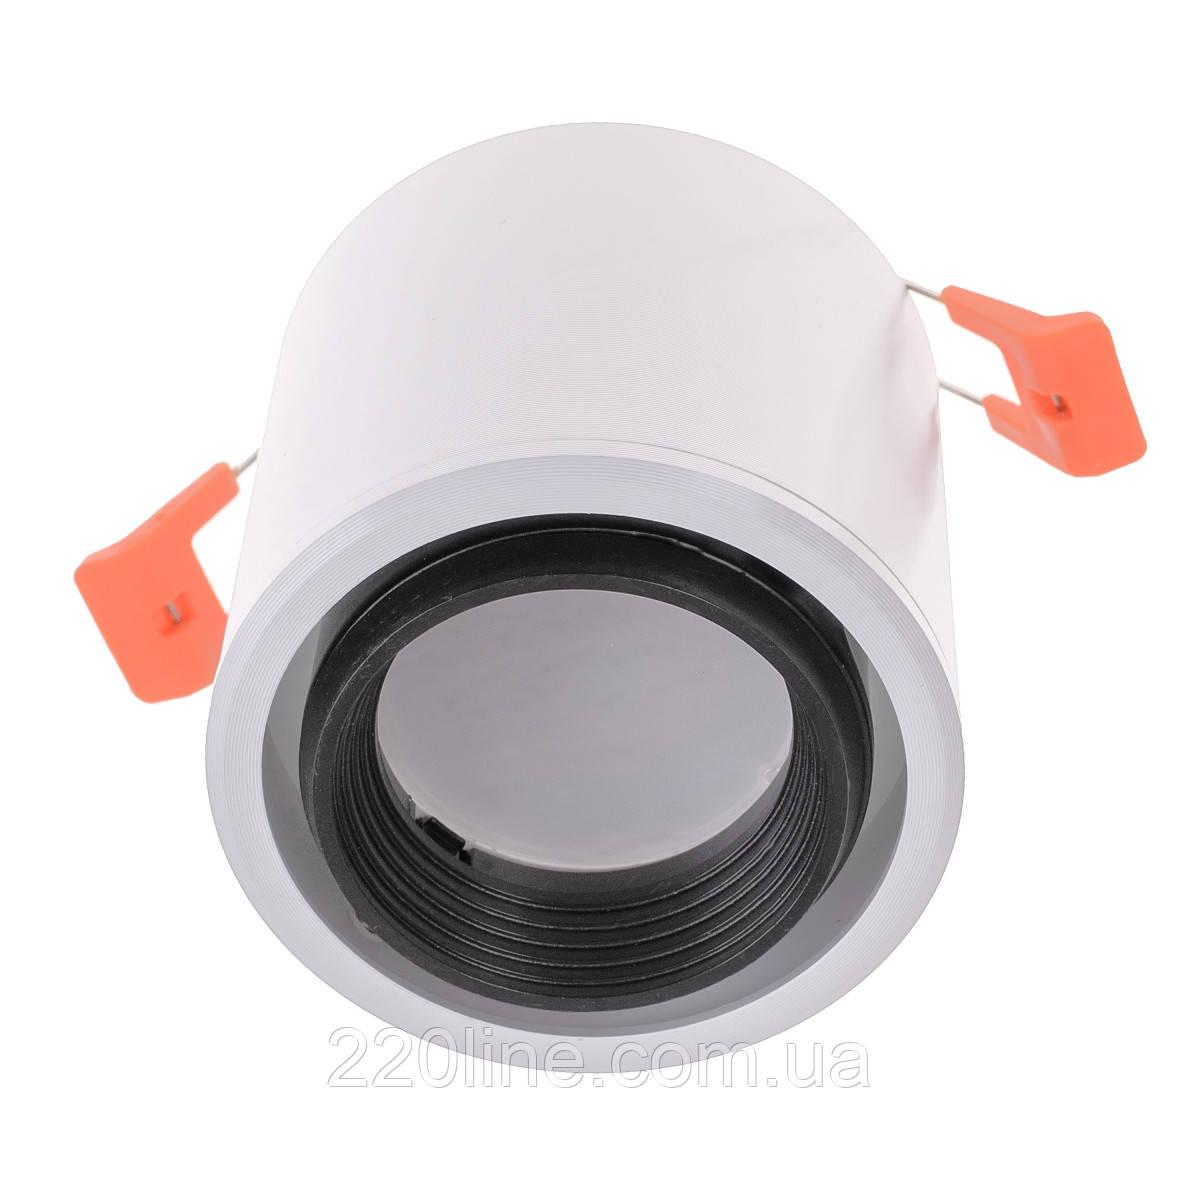 Світильник точковий HDL-DS 167 MR16 BK/BK